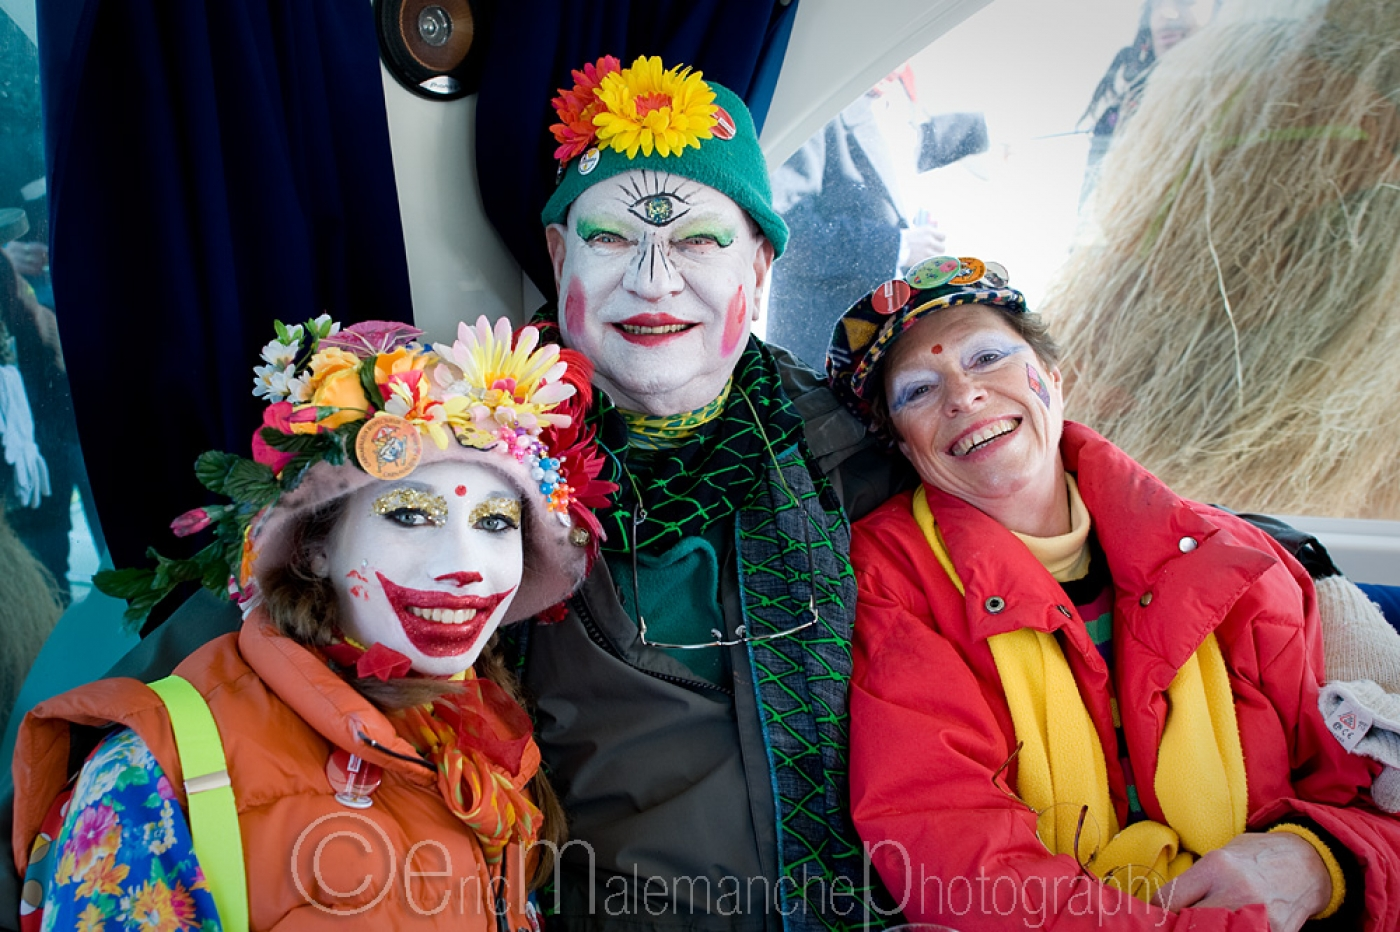 https://www.ericmalemanche.com/imagess/topics/carnaval-de-dunkerque/liste/Carnaval-Dunkerque-1188.jpg